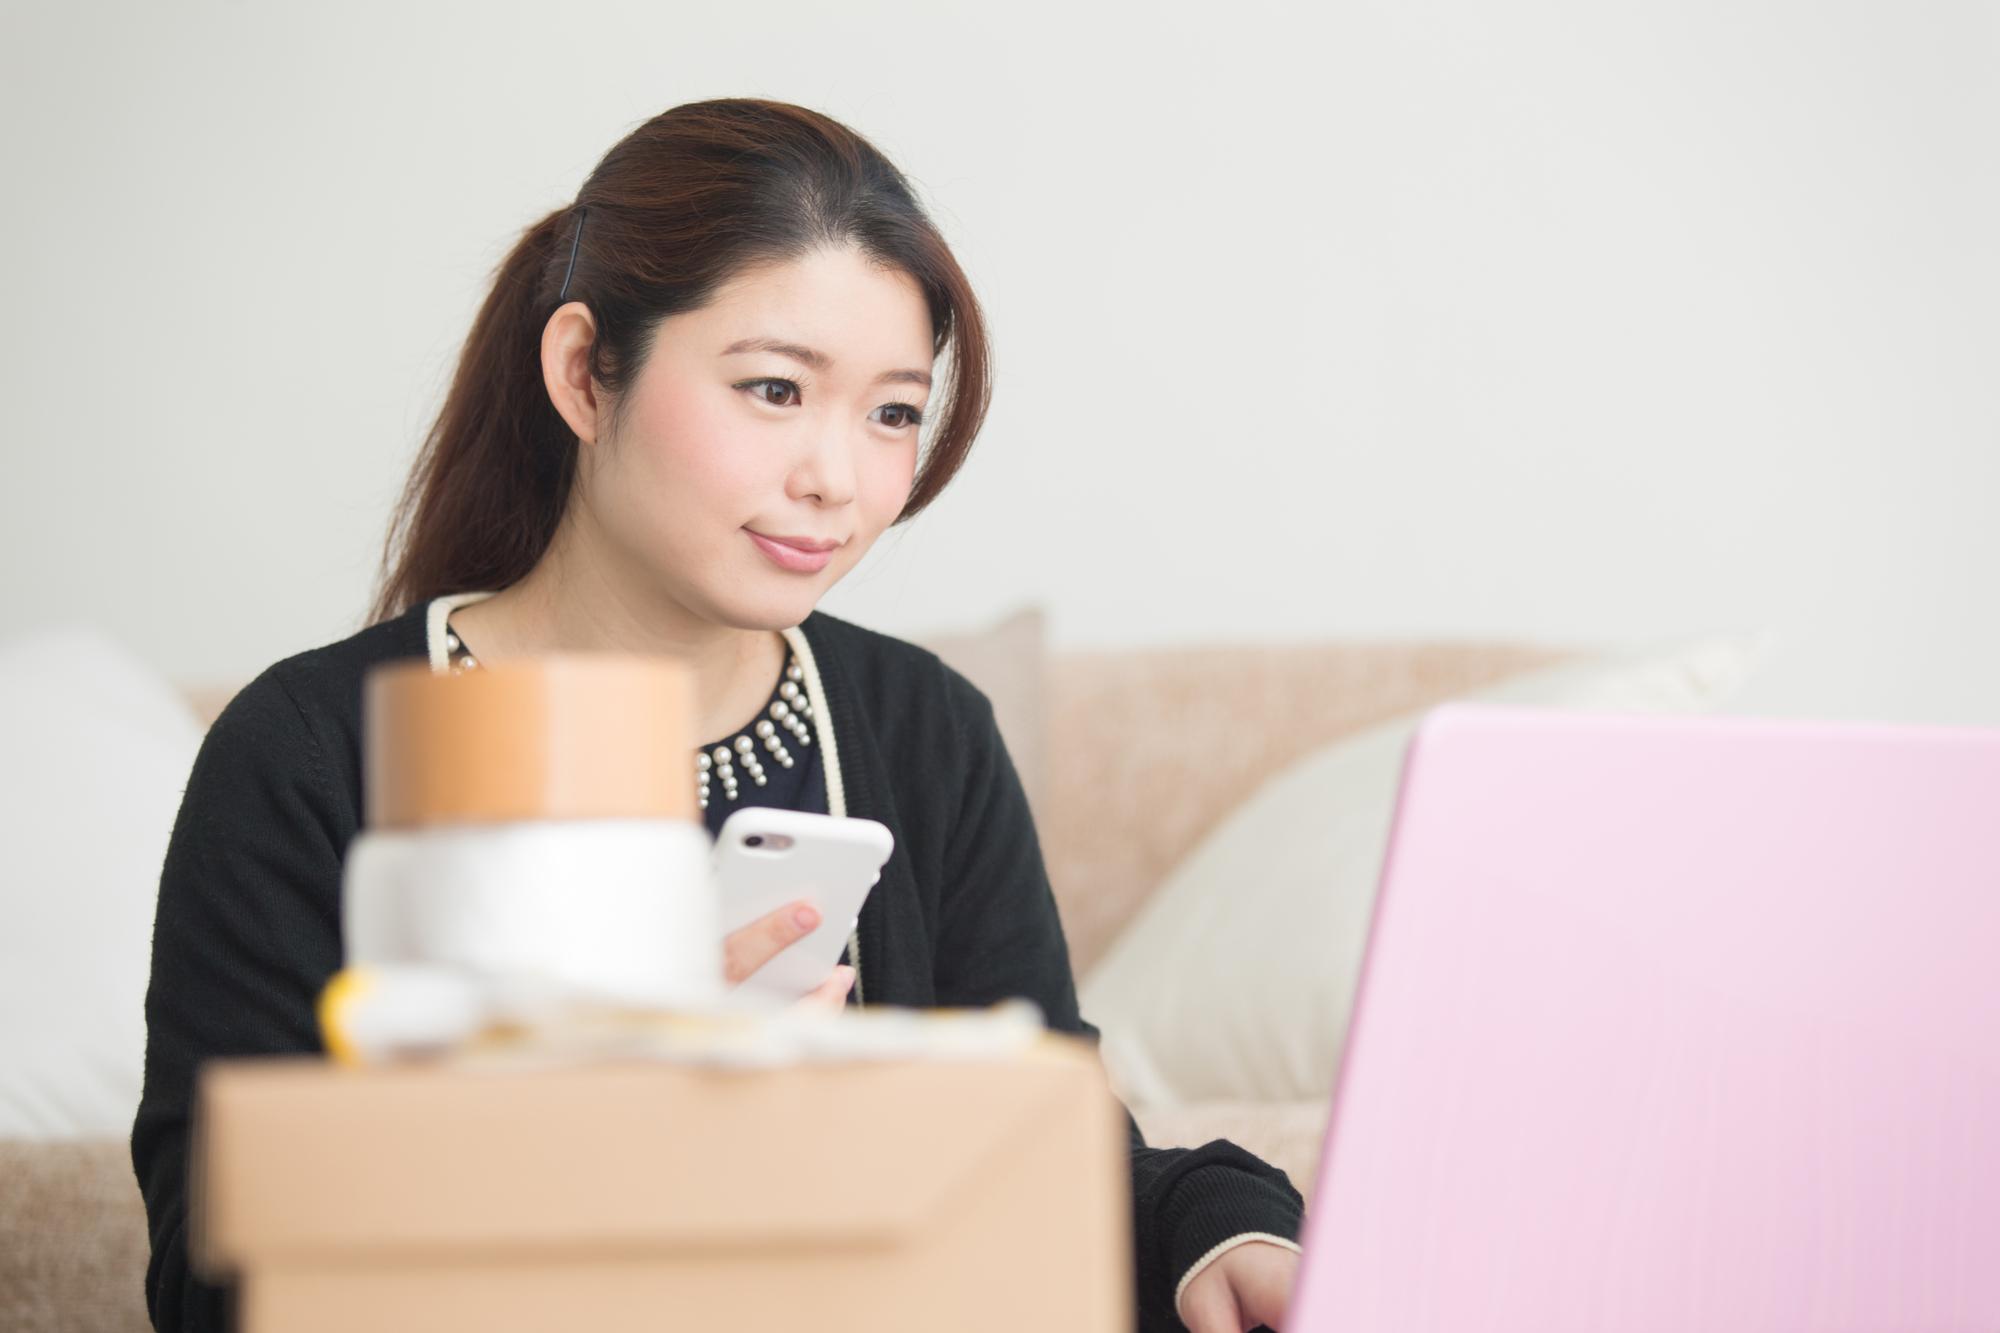 パソコンをする若い女性